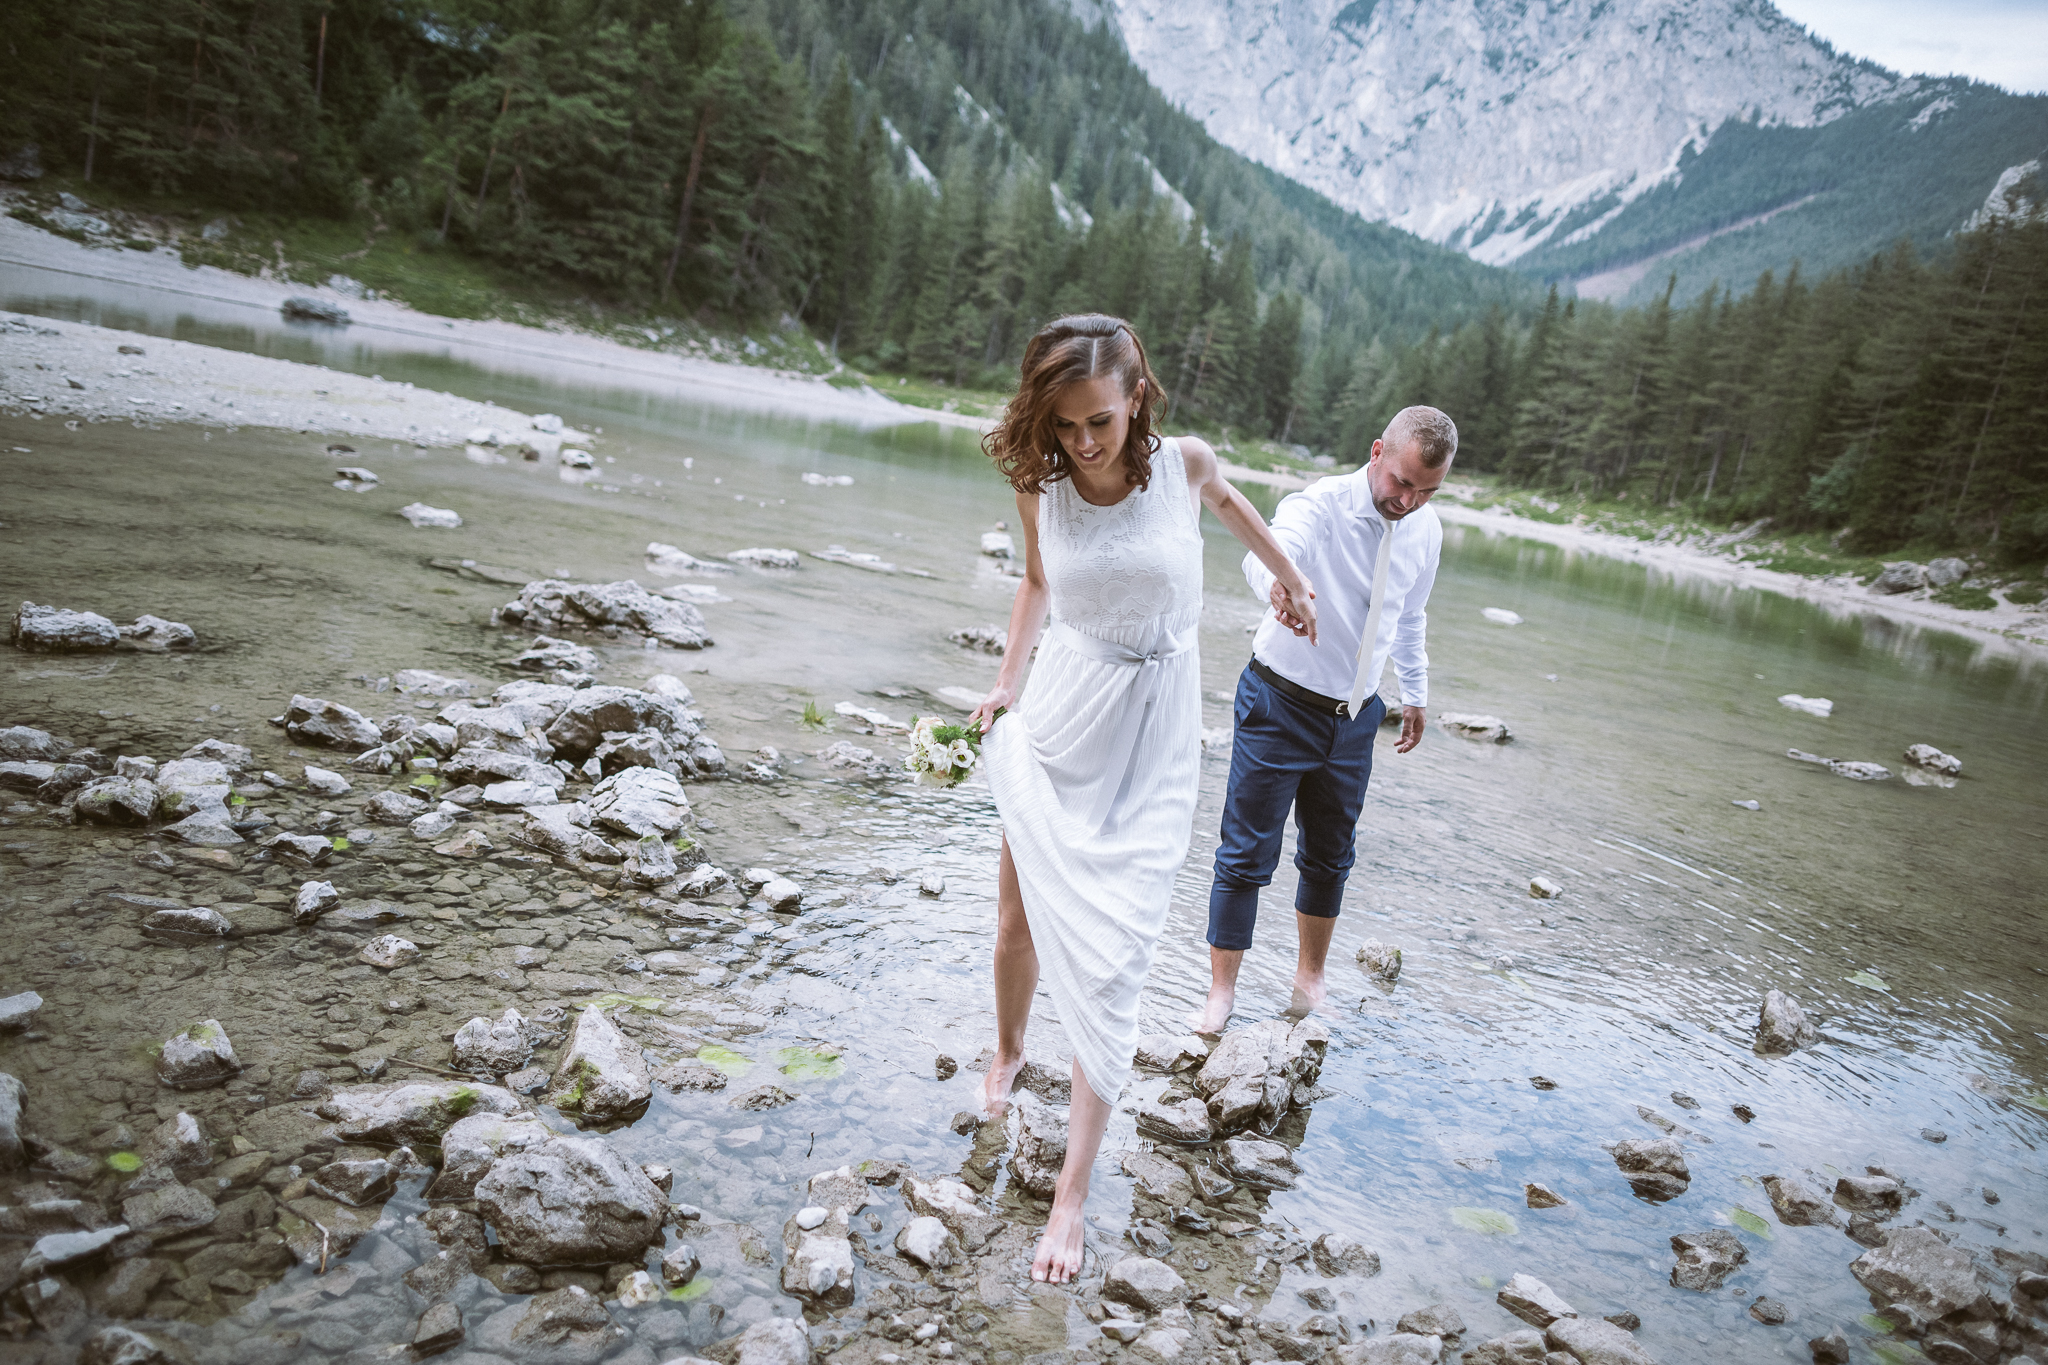 FylepPhoto, esküvőfotózás, magyarország, esküvői fotós, vasmegye, prémium, jegyesfotózás, Fülöp Péter, körmend, kreatív, grüner see_07.jpg